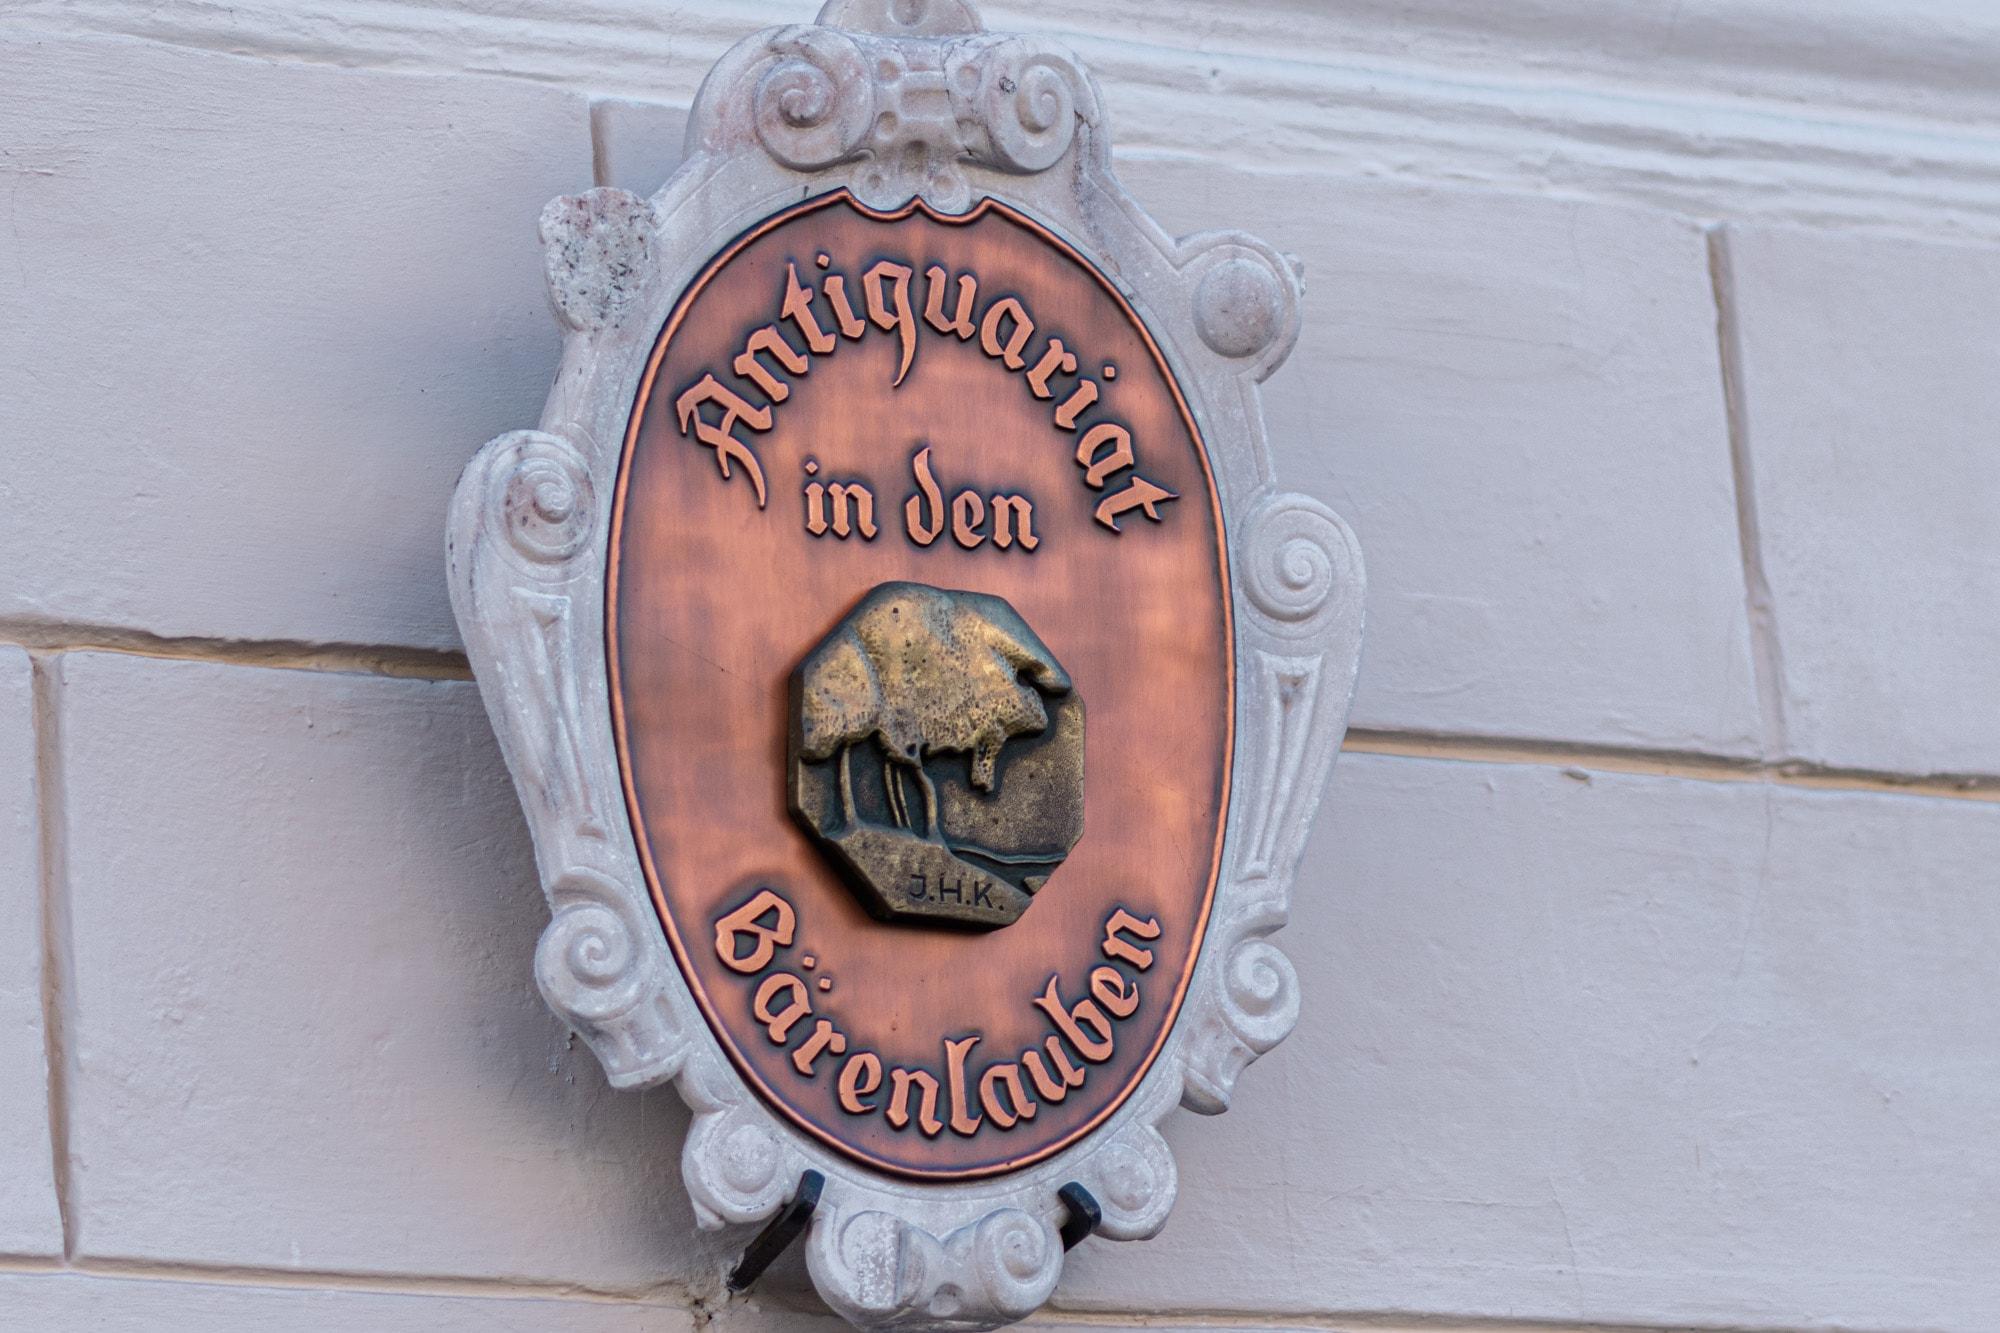 Bärenlaube, Antiquariat, Tiere in der Stadt, 9020 Klagenfurt am Wörthersee, Sehenswürdigkeiten